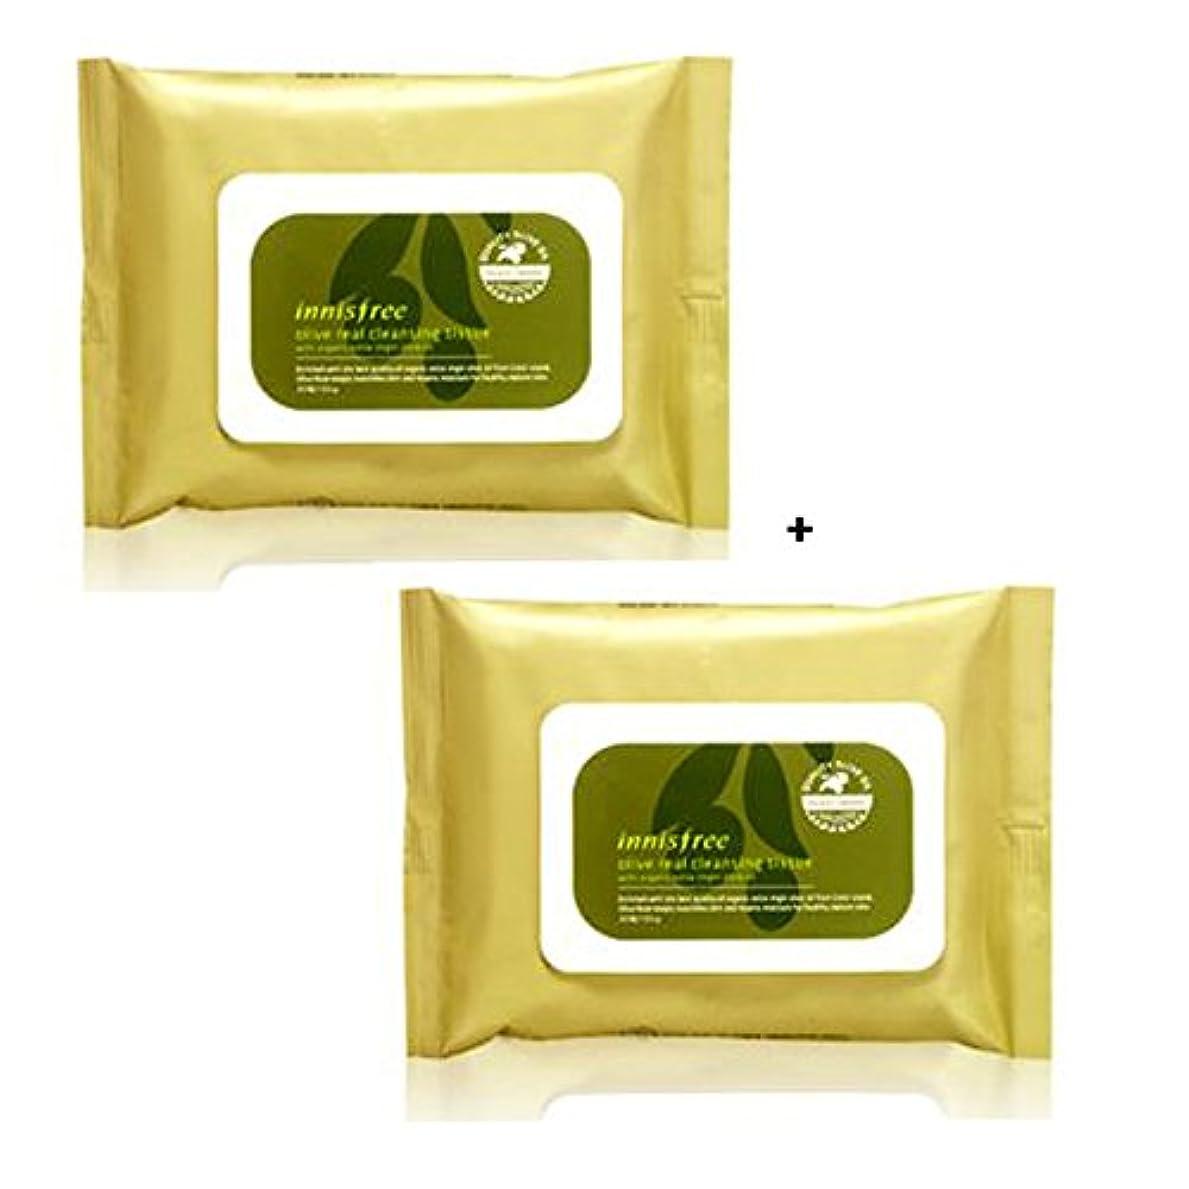 プロット写真を撮る細断イニスフリー Innisfree オリーブリアル クレンジングティッシュ (30枚x2) Innisfree Olive Real Cleansing Tissue (30sheetsx2Pcs) [海外直送品]